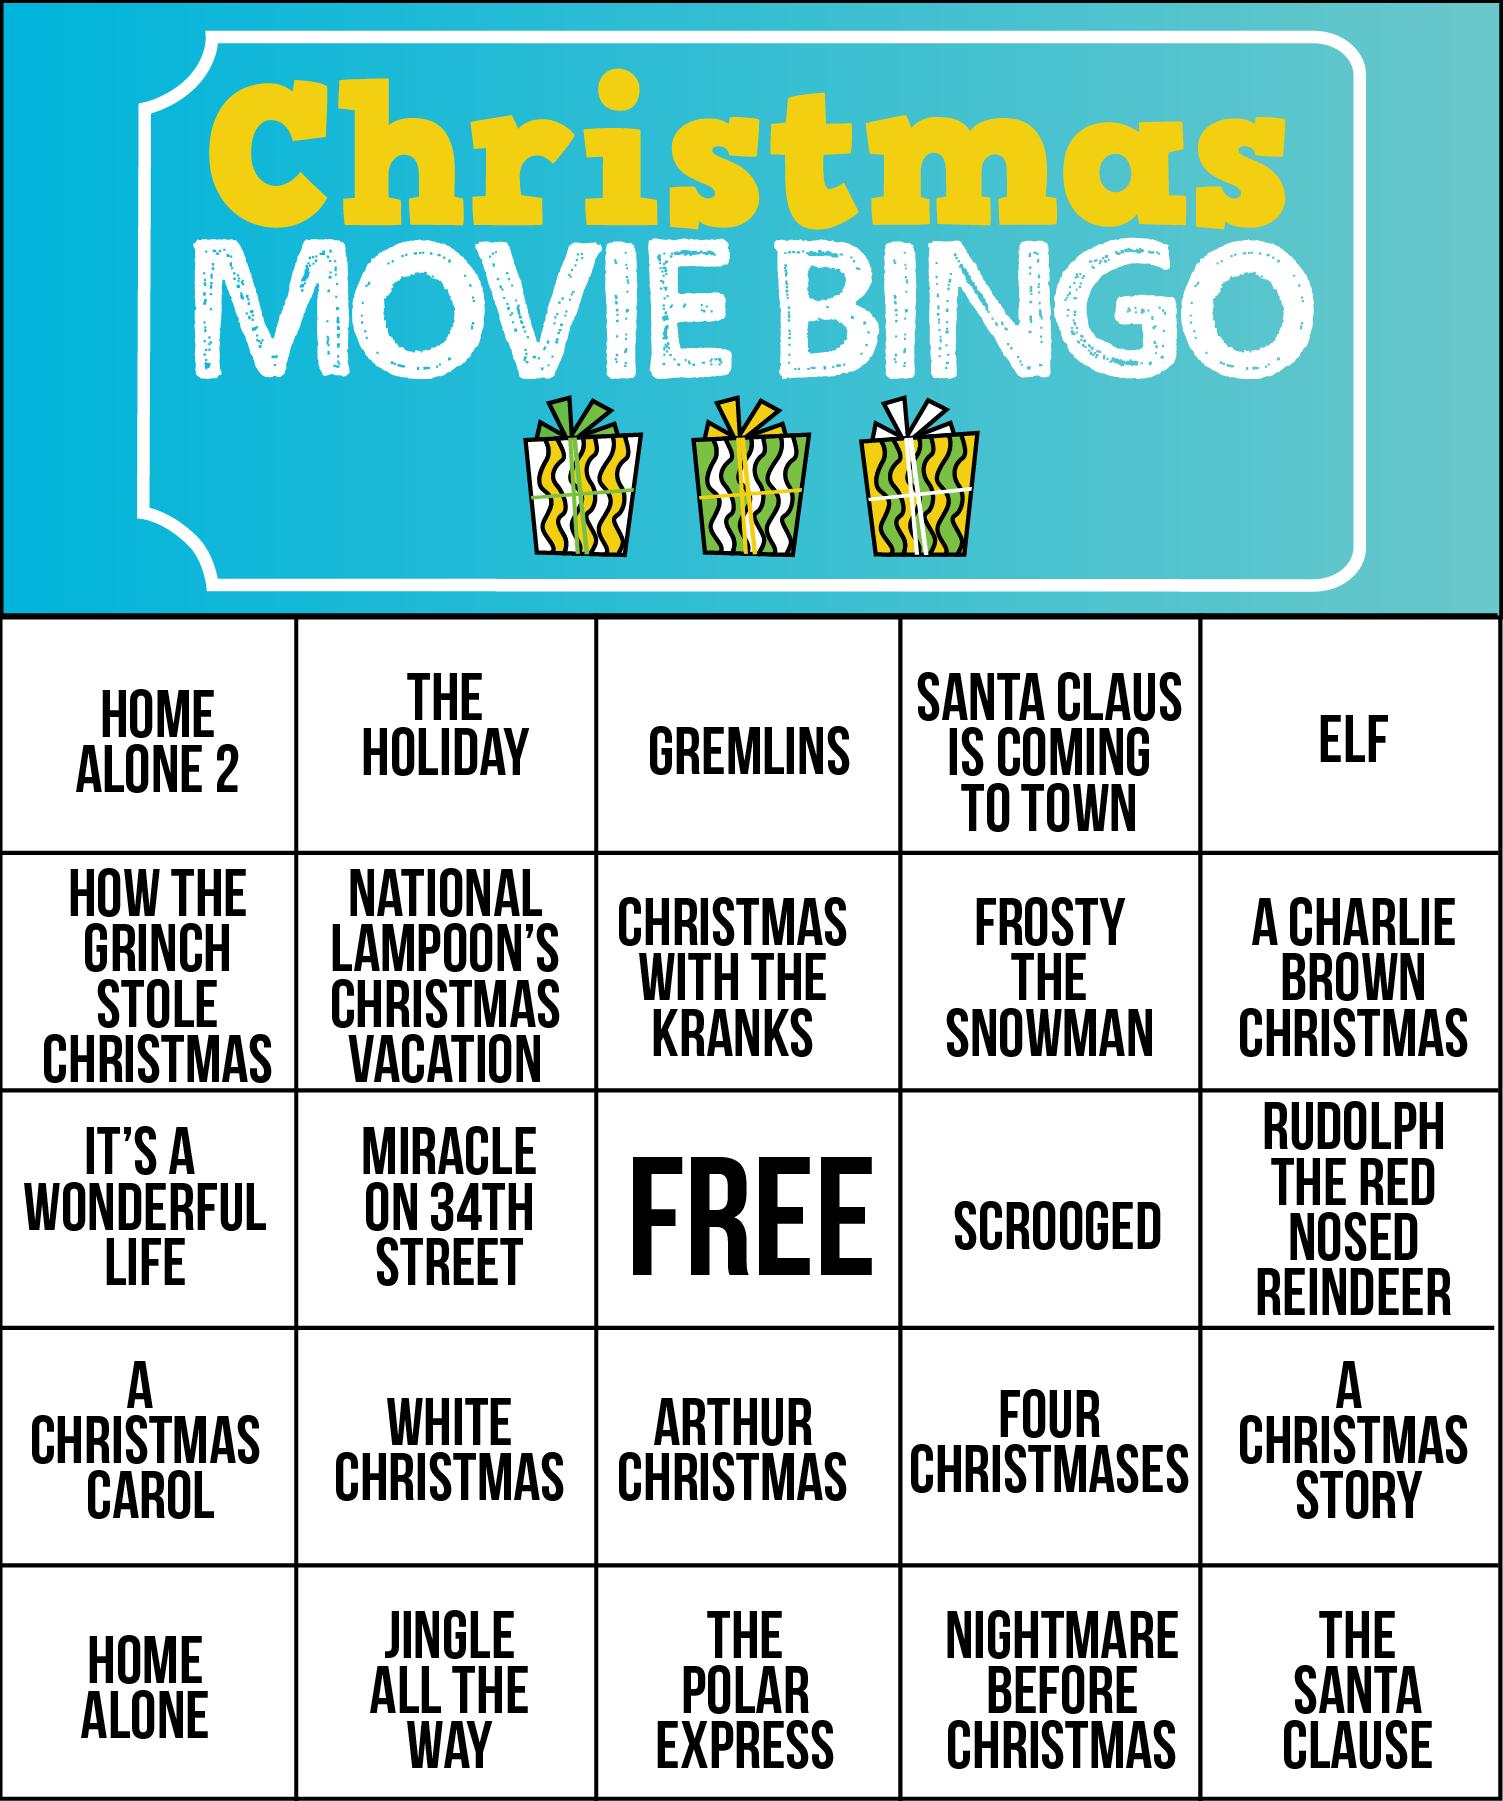 Free Printable Christmas Movie Bingo Cards | Christmas Games - Free Printable Christmas Board Games